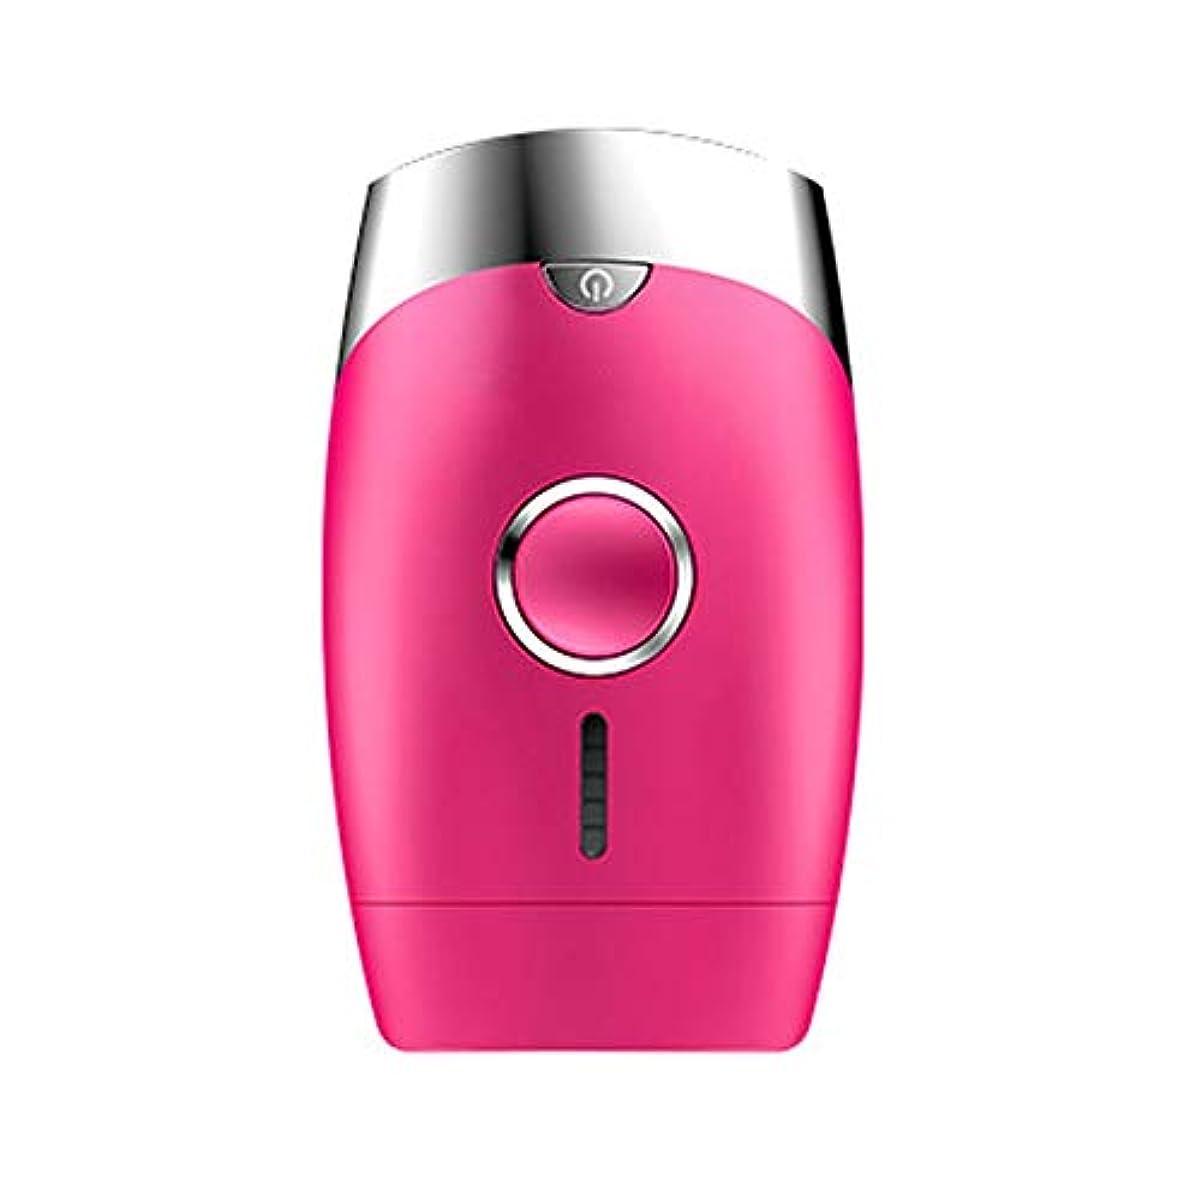 祈りゆりジョガーダパイ ピンク、5スピード調整、インテリジェント家庭用痛みのない凝固点ヘアリムーバー、シングルフラッシュ/連続フラッシュ、サイズ13.9 X 8.3 X 4.8 Cm U546 (Color : Pink)